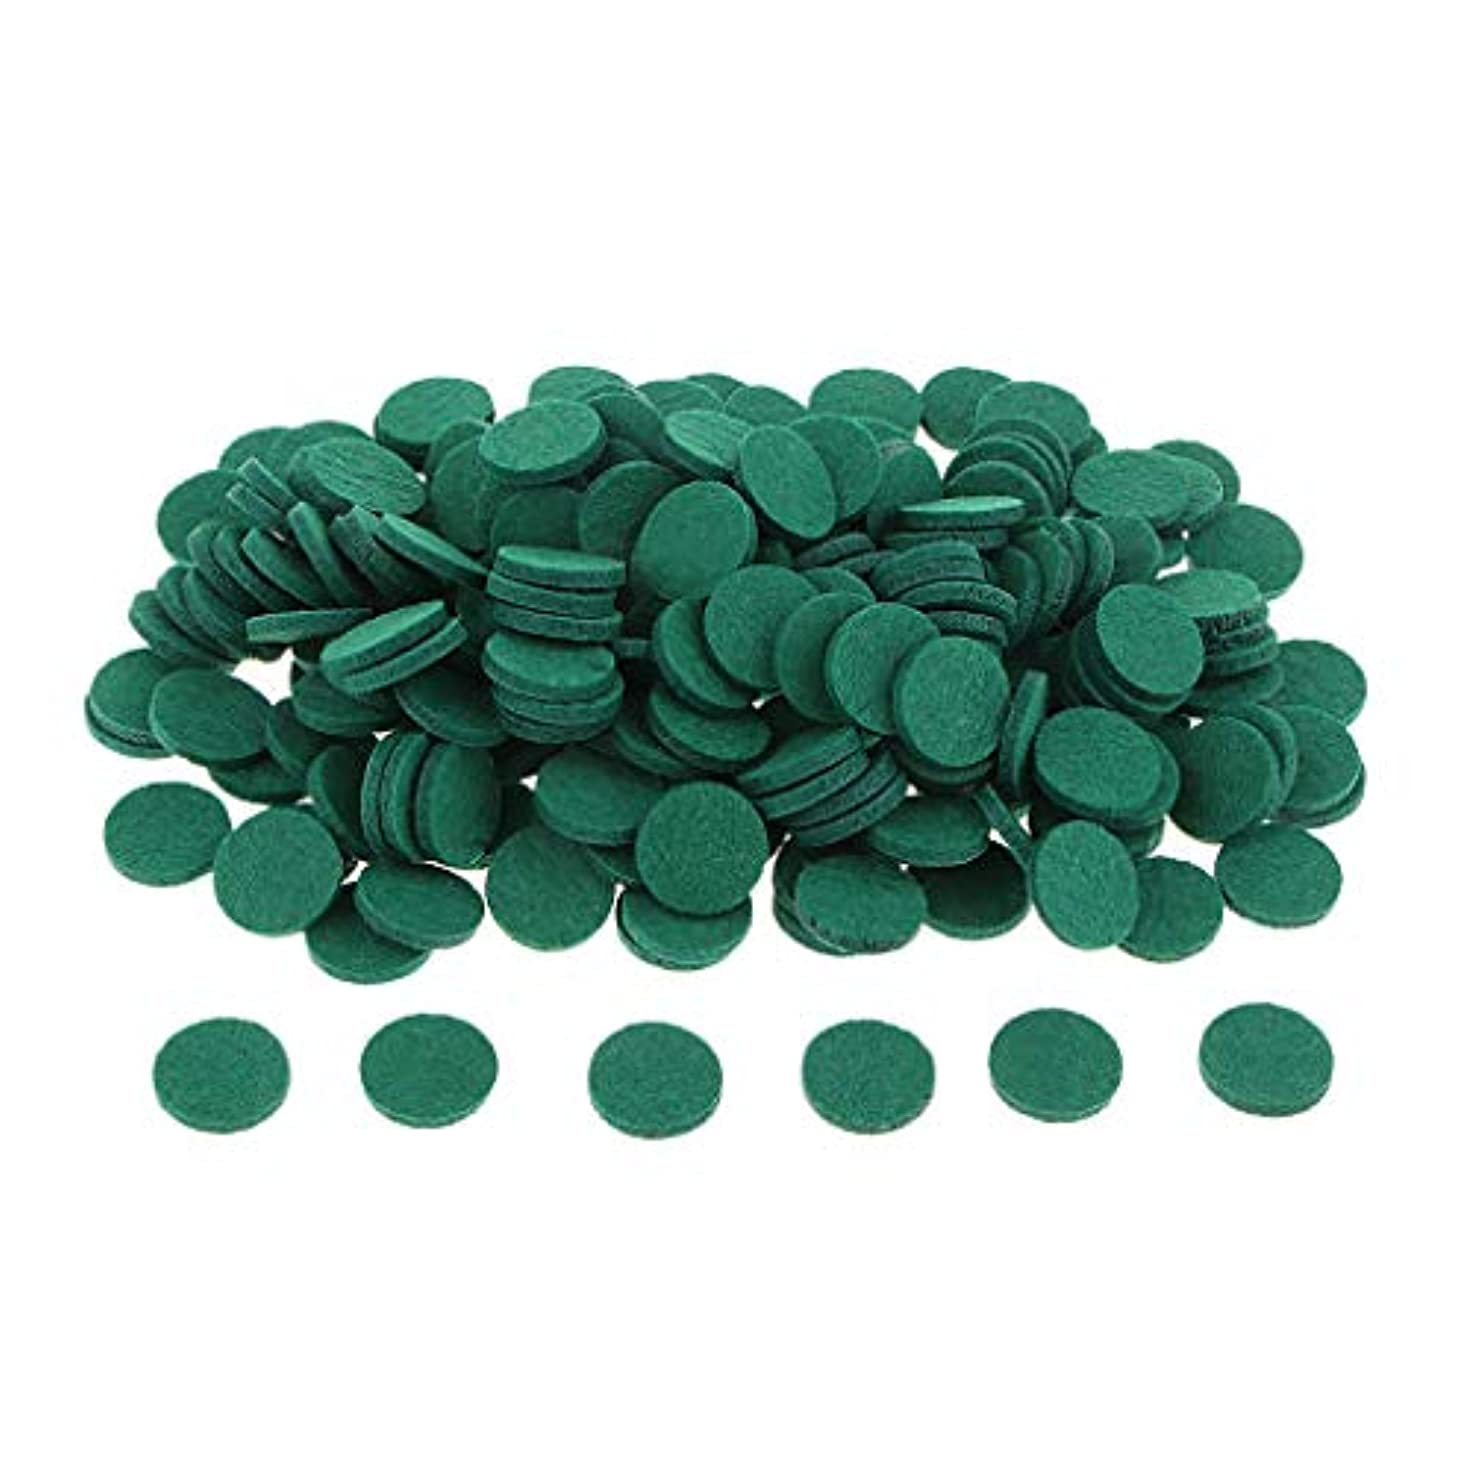 拒絶ありがたい囚人gazechimp 約200個入り 詰め替えパッド アロマオイルパッド パッド 詰め替え エッセンシャルオイル 部屋 全11色 - 緑